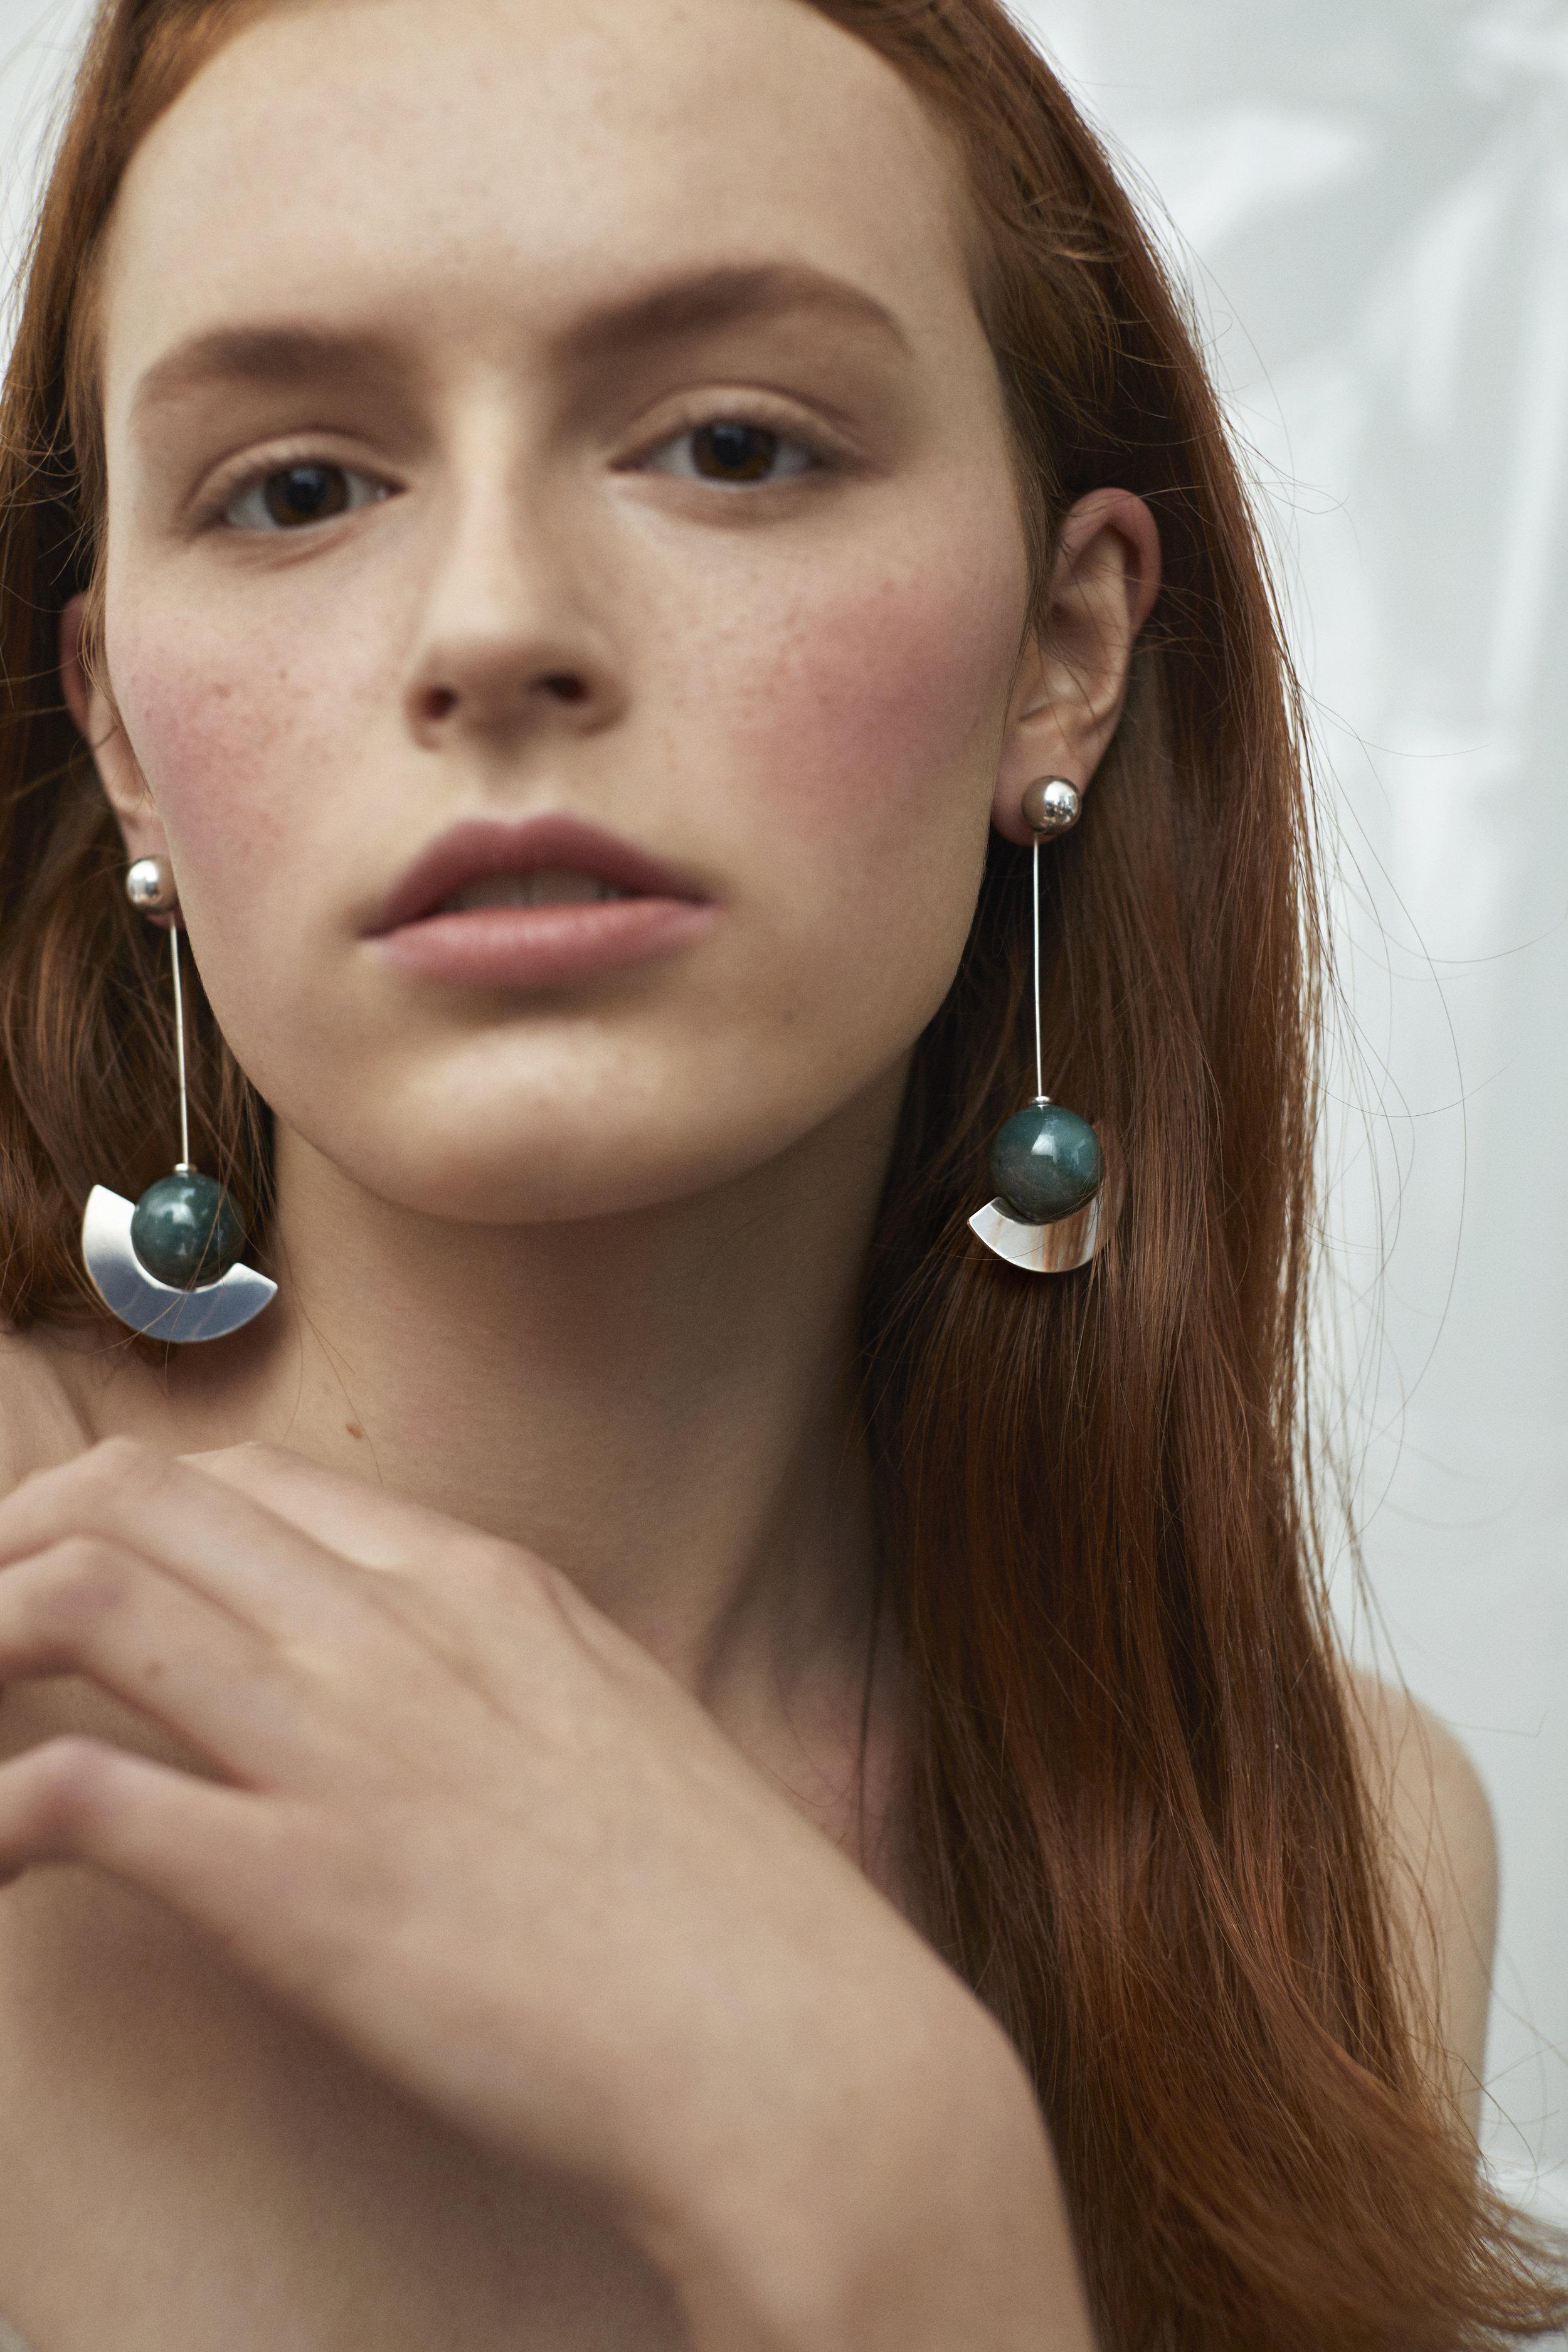 ▲ KEPLER earrings